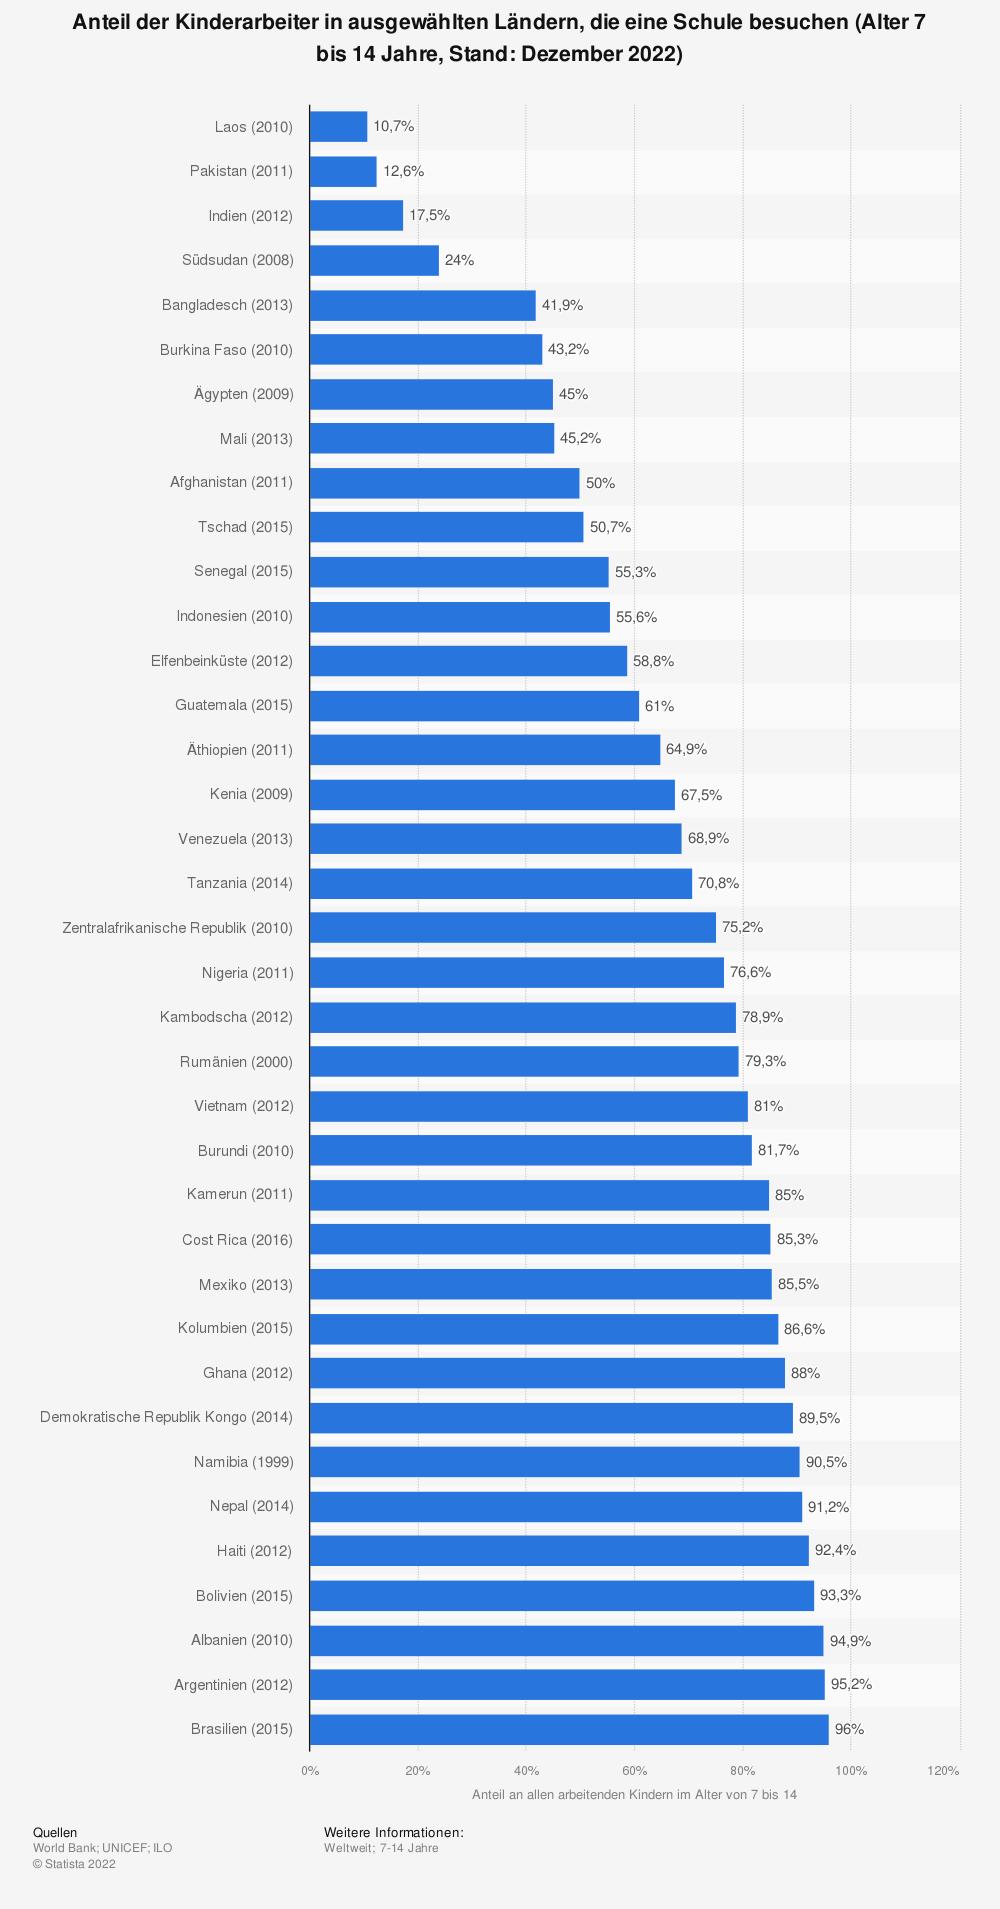 Statistik: Anteil der Kinder in Arbeit in ausgewählten Ländern, die eine Schule besuchen (Alter 7 bis 14, Stand: 2020)   Statista